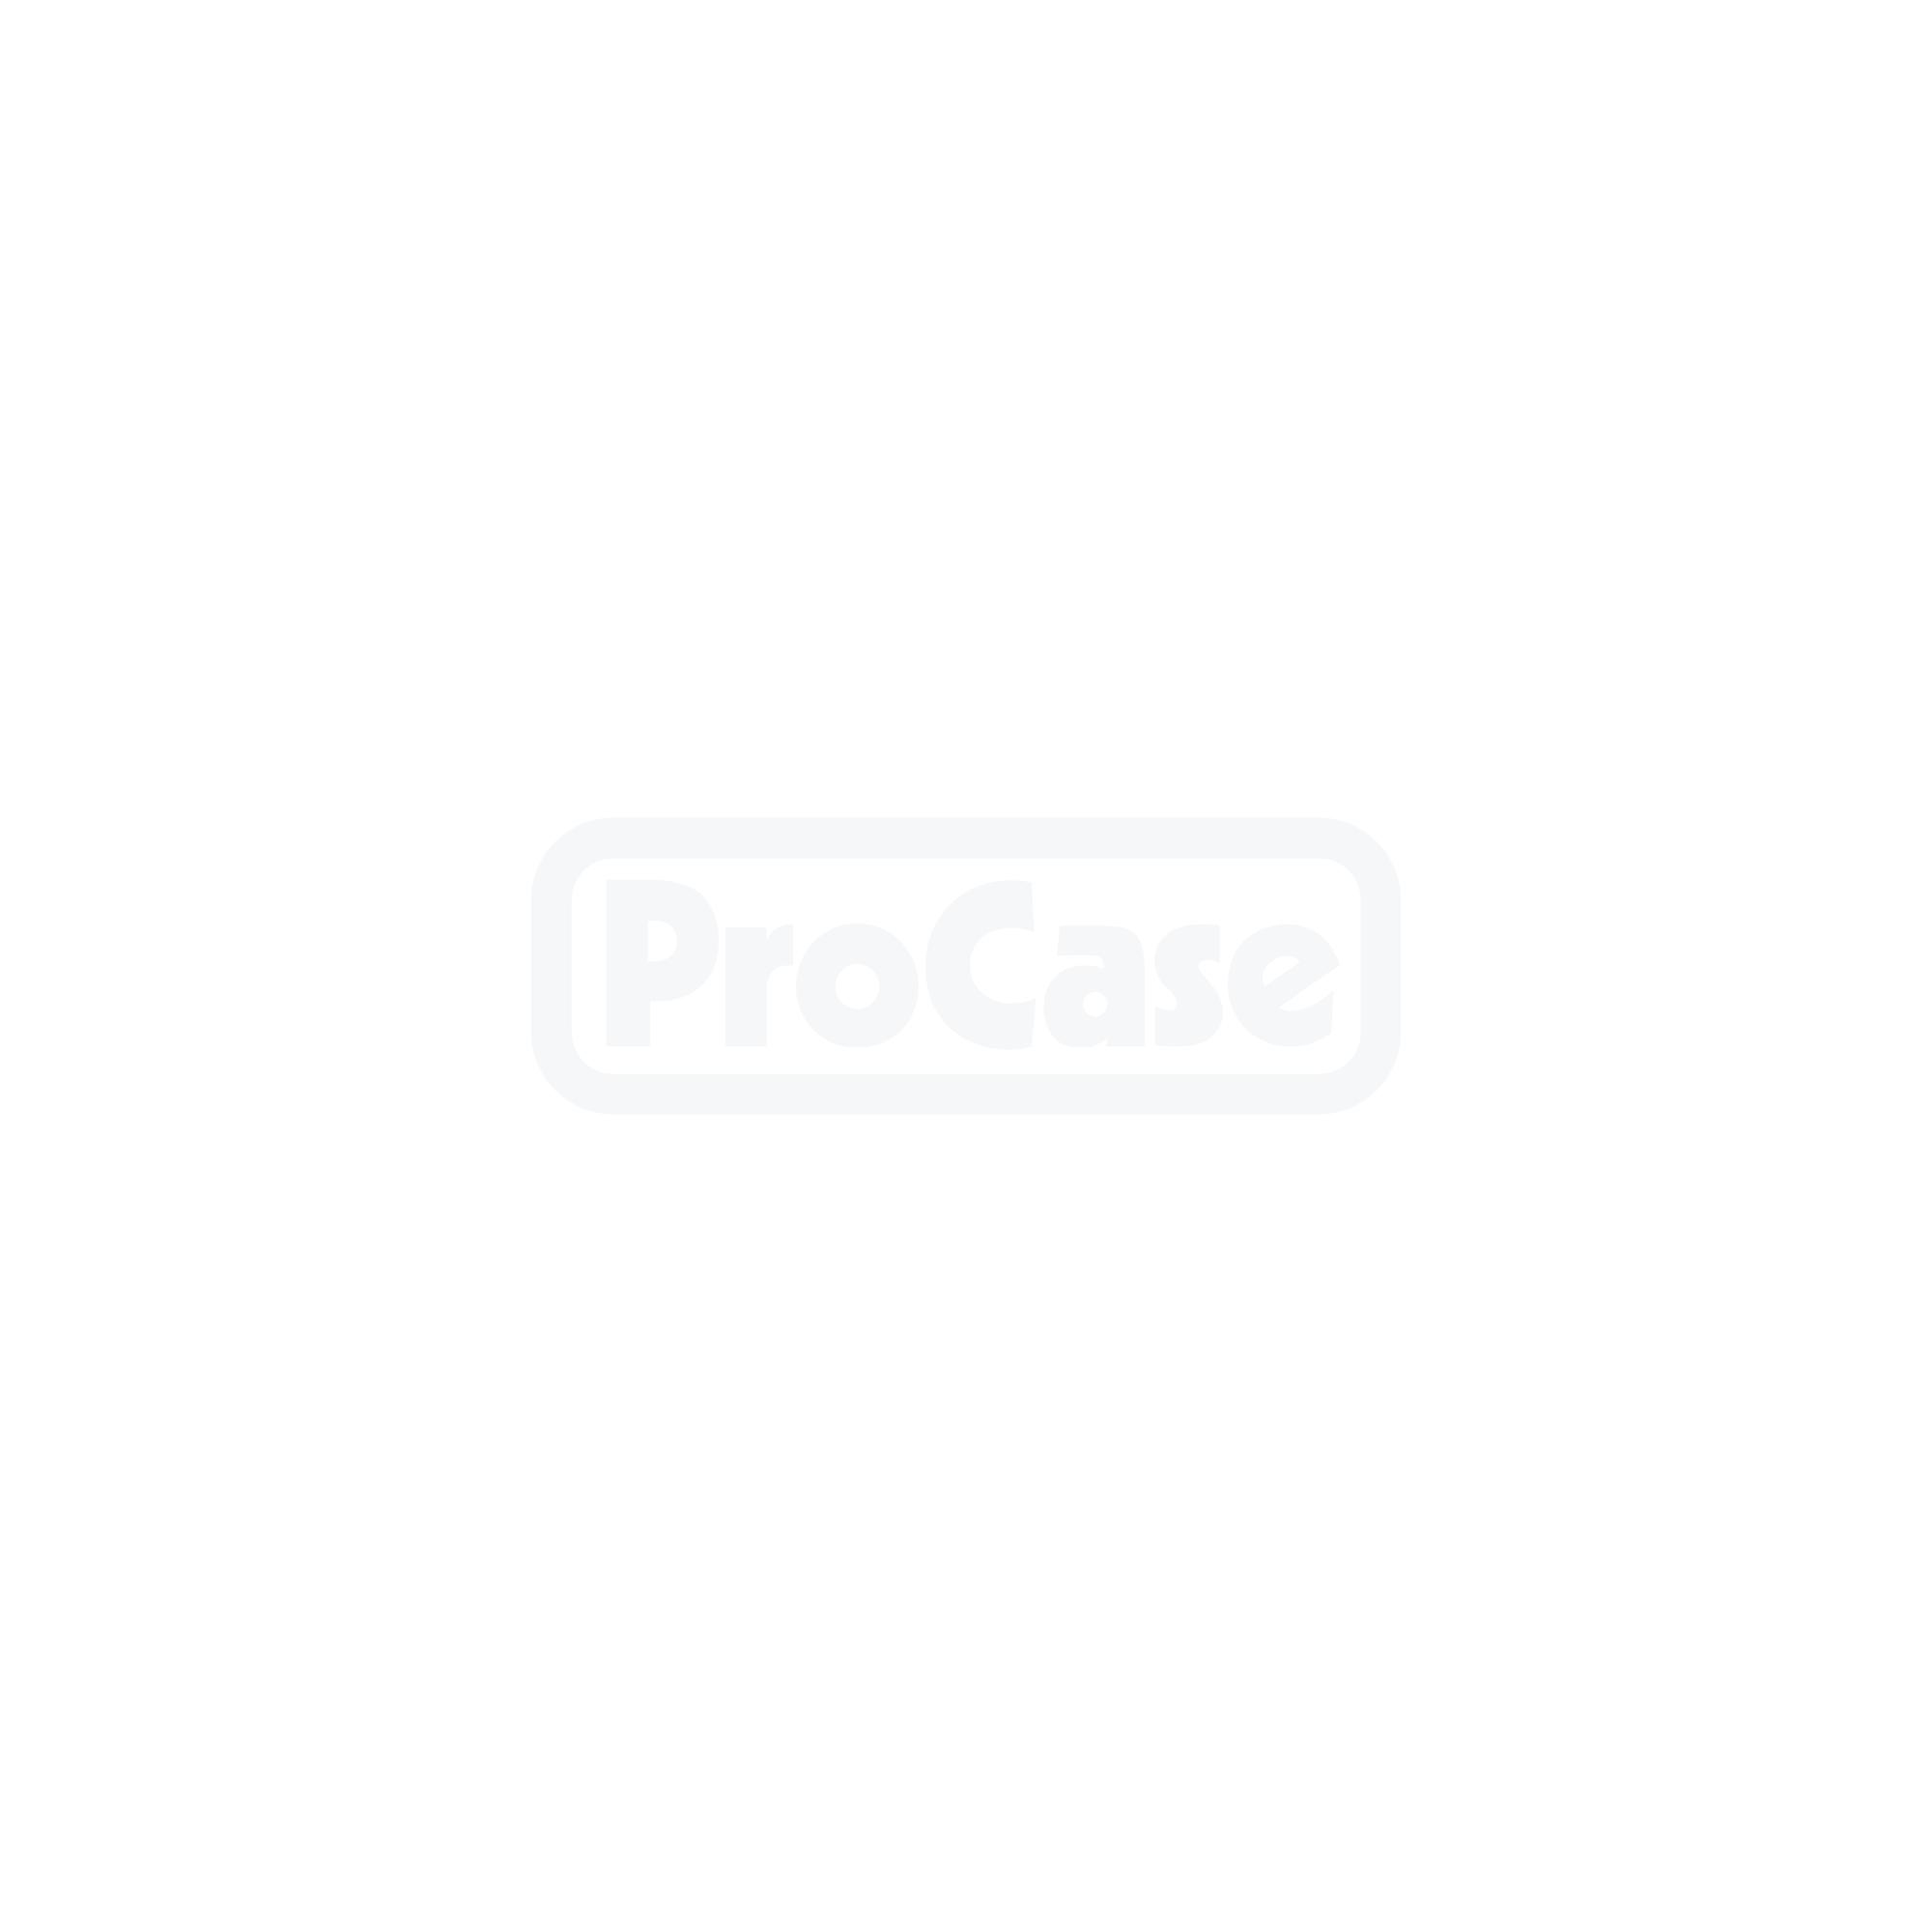 Flightcase für d&b audiotechnik Y8/Y12 4er Cradle - gerade